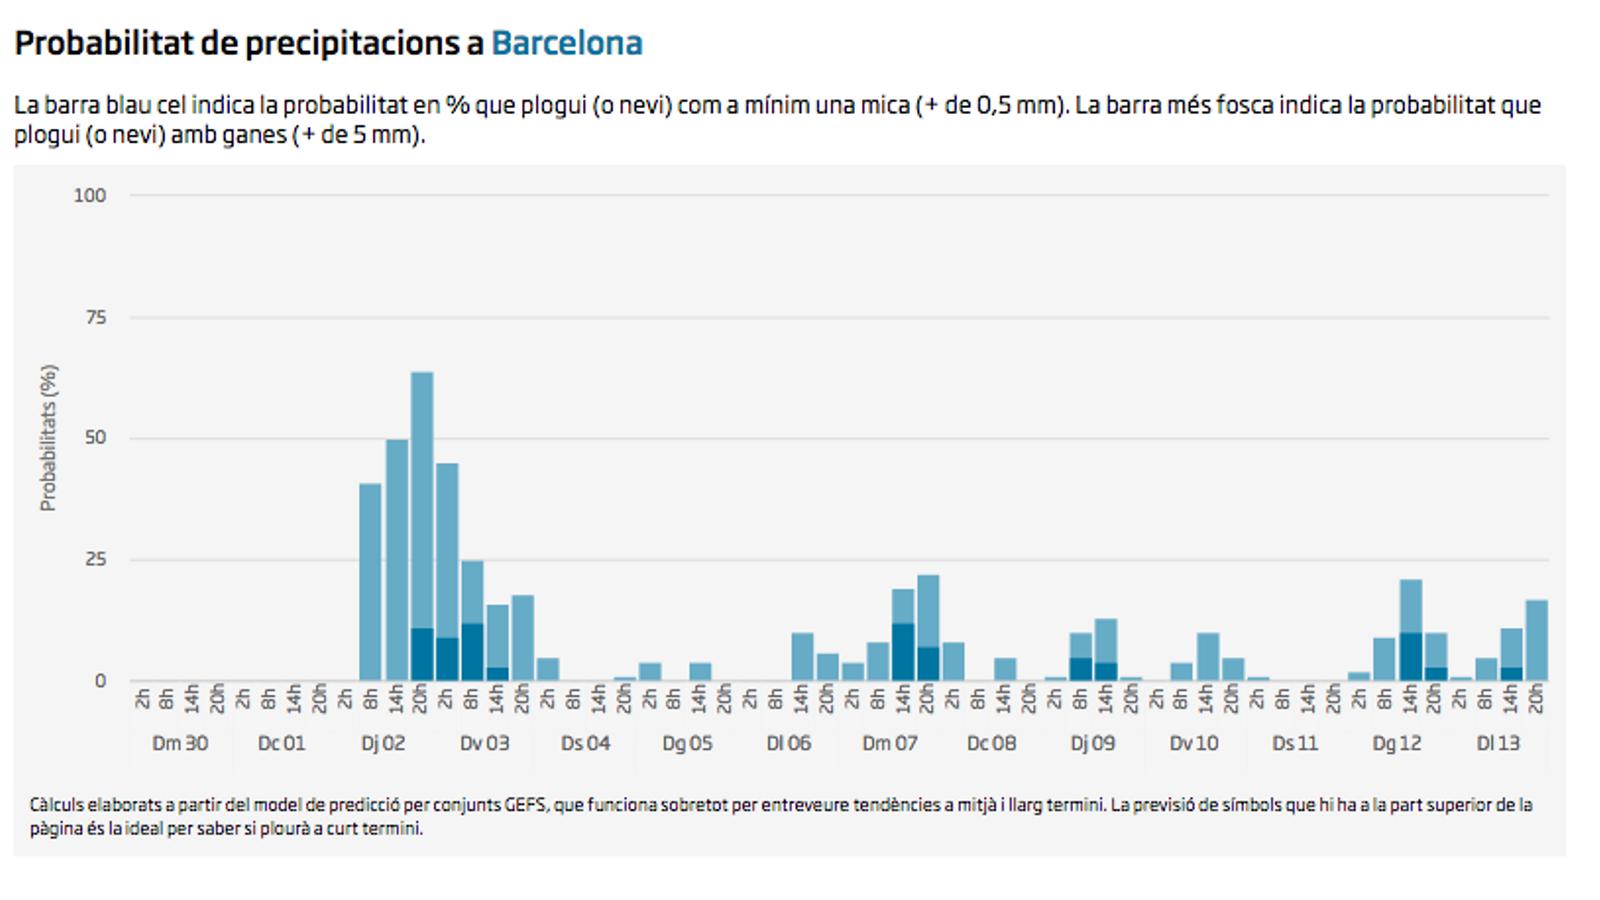 Probabilitat de precipitacions a llarg termini a Barcelona segons el model GEFS